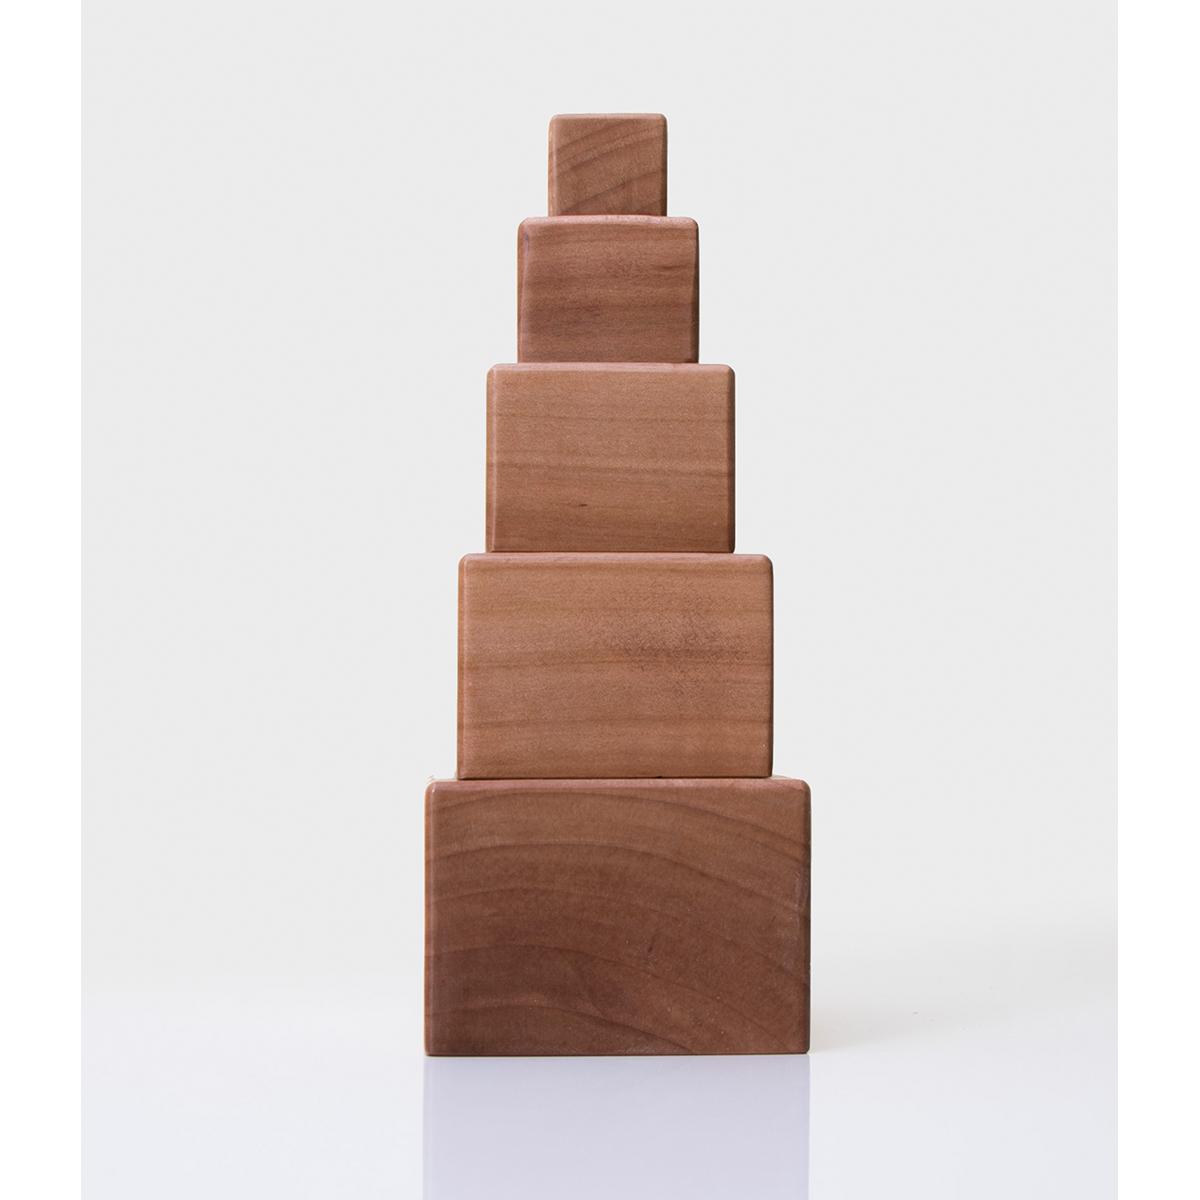 わはらんど きづき「ひとつずつおく」(大) 木村木品製作所 /マルゲリータ